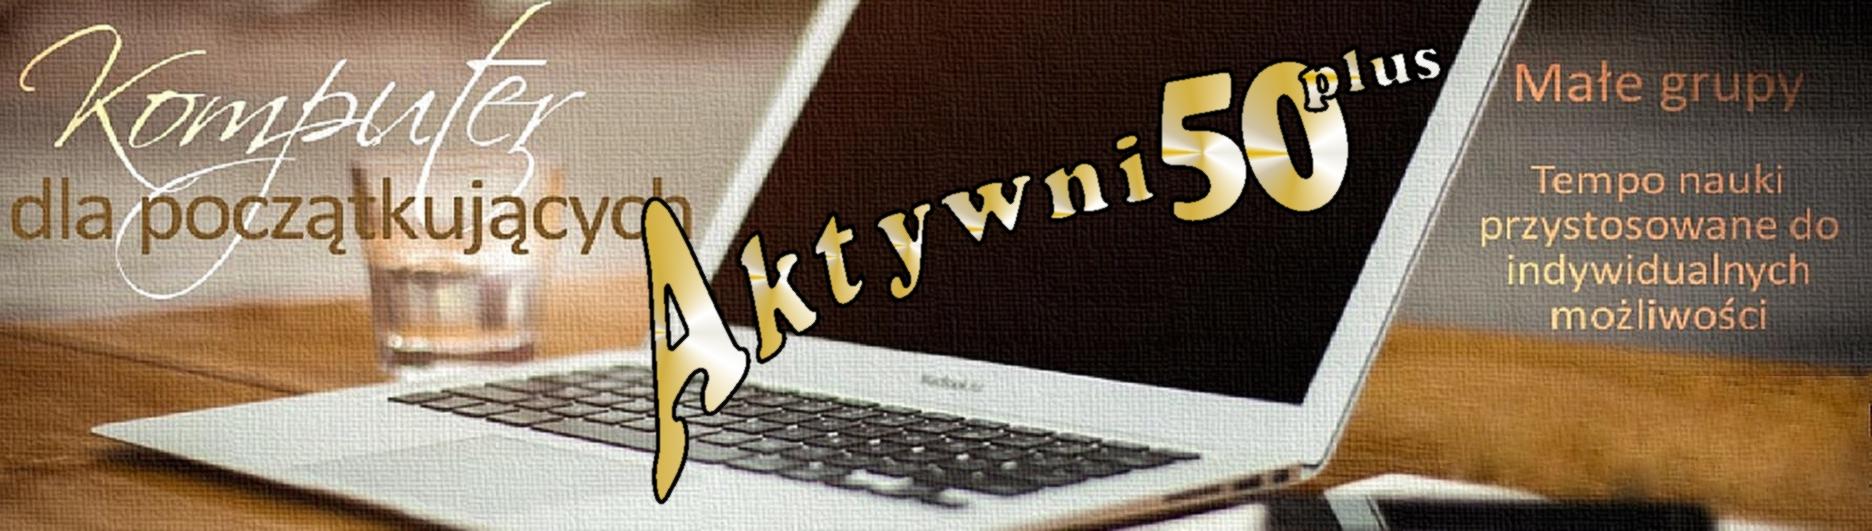 Kurs komputerowy - Aktywni 50 plus - trwają zapisy! @ Zakątek 19 | Rybnik | śląskie | Polska